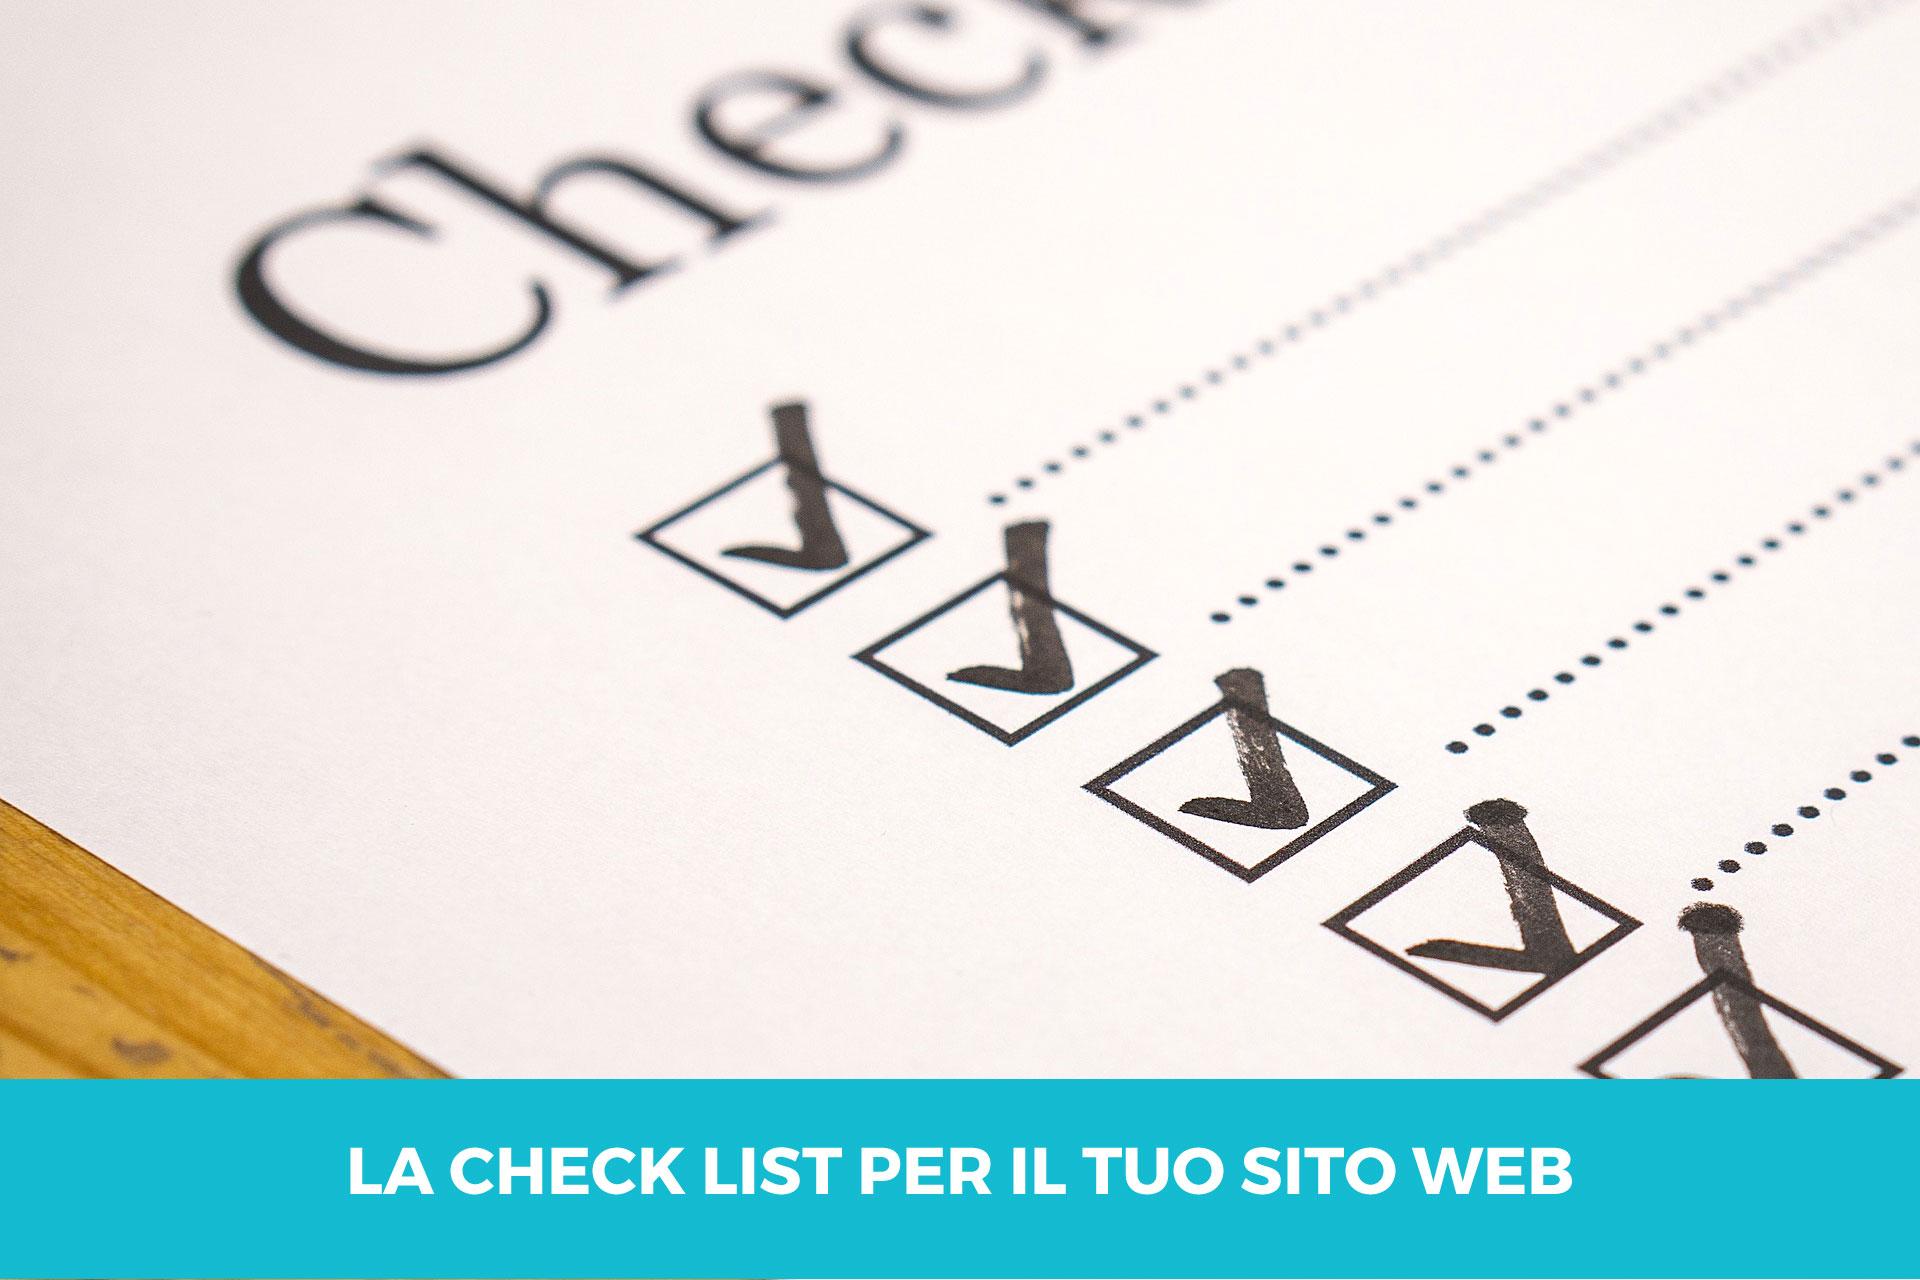 la-check-list-per-il-tuo-sito-web-lv-design-realizzazione-siti-web-bologna